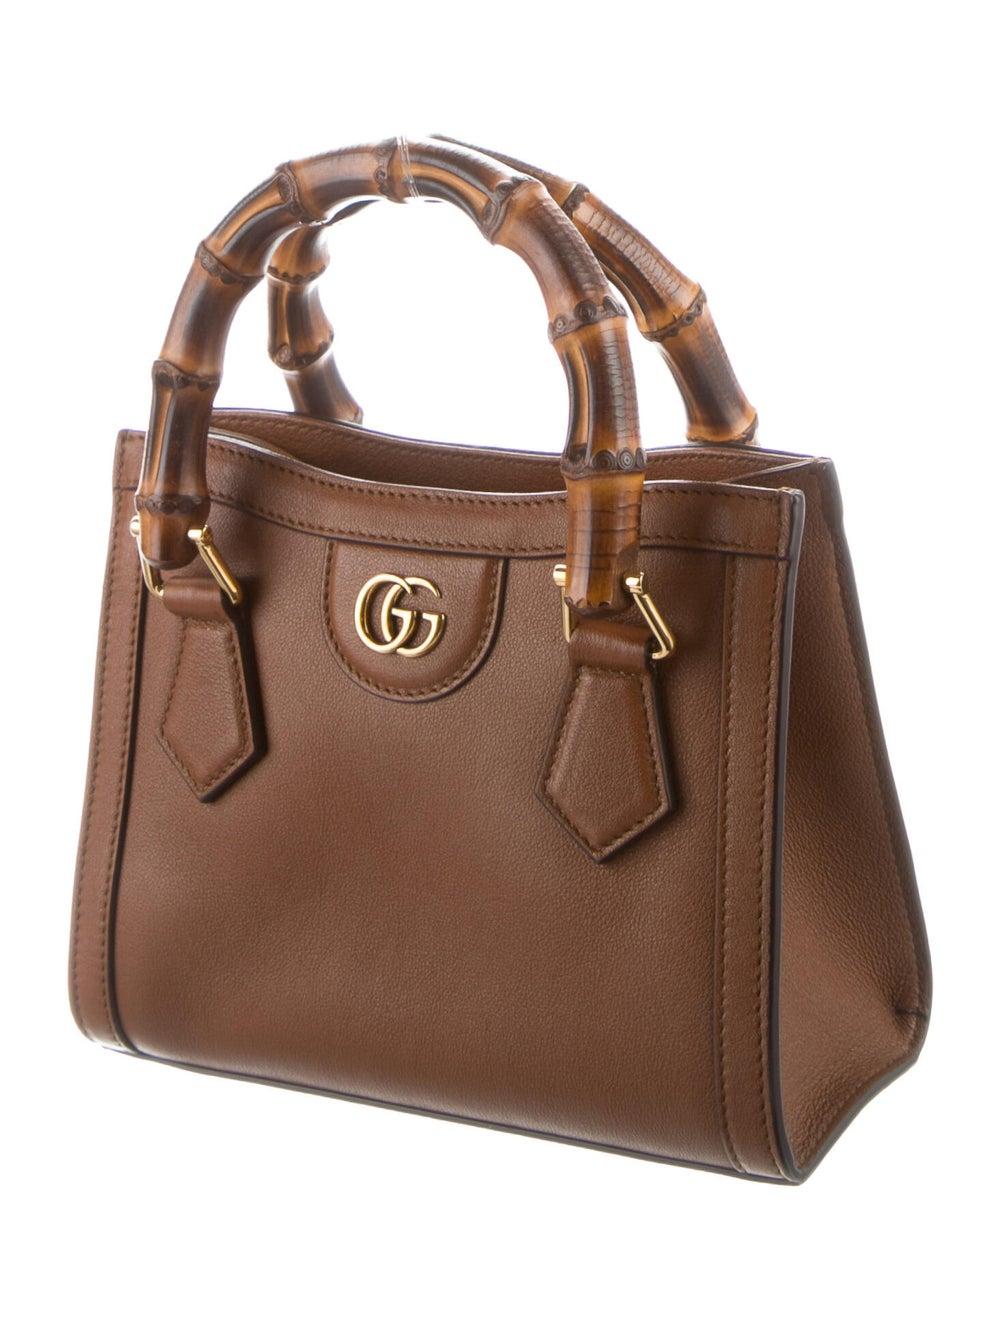 Gucci Gucci Diana Mini Tote Bag Brown - image 3